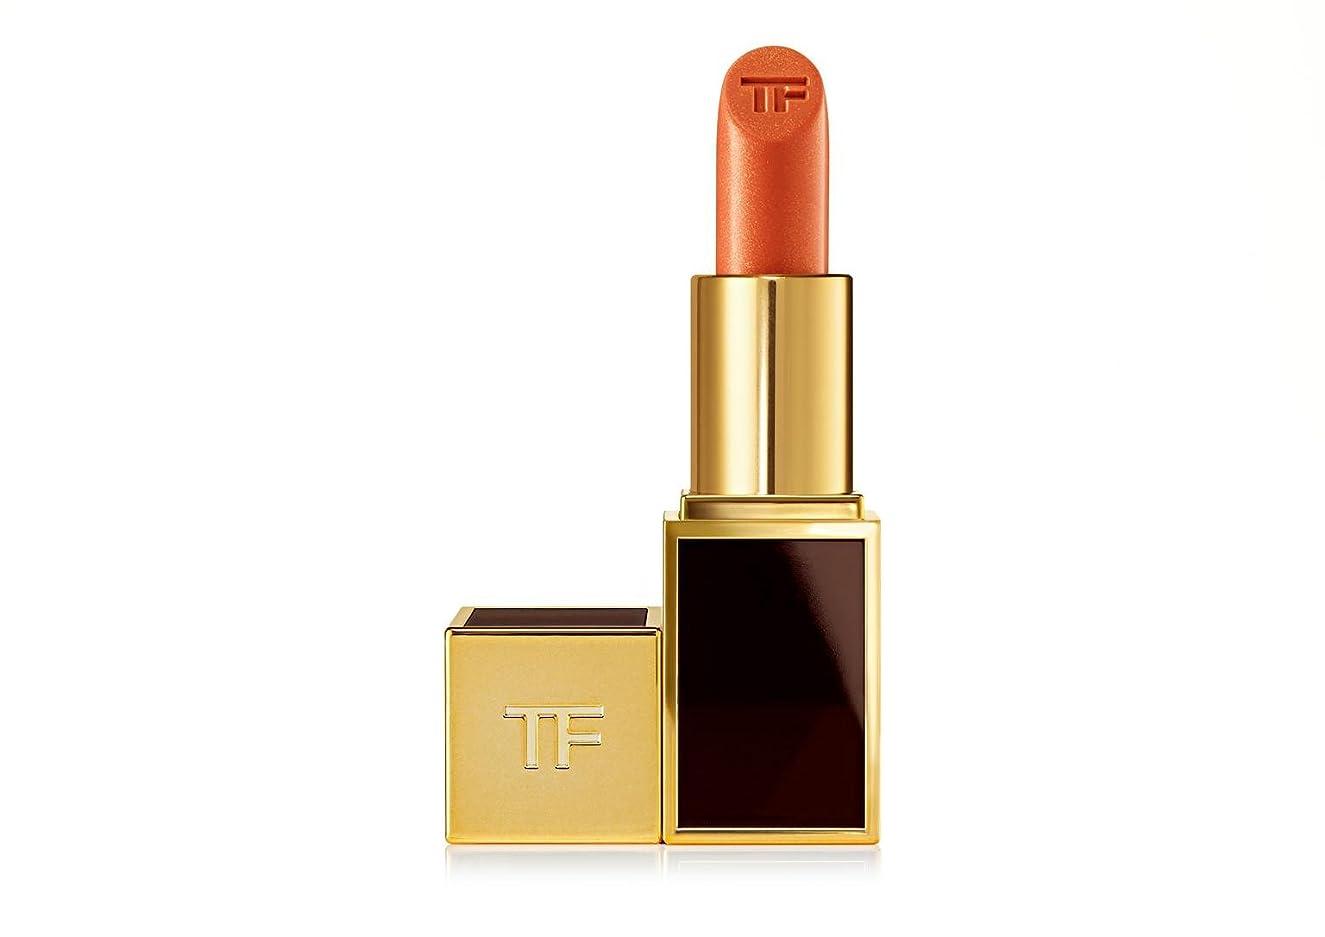 女将遺棄された異形トムフォード リップス アンド ボーイズ 7 コーラル リップカラー 口紅 Tom Ford Lipstick 7 CORALS Lip Color Lips and Boys (#64 Hiro ヒロ) [並行輸入品]